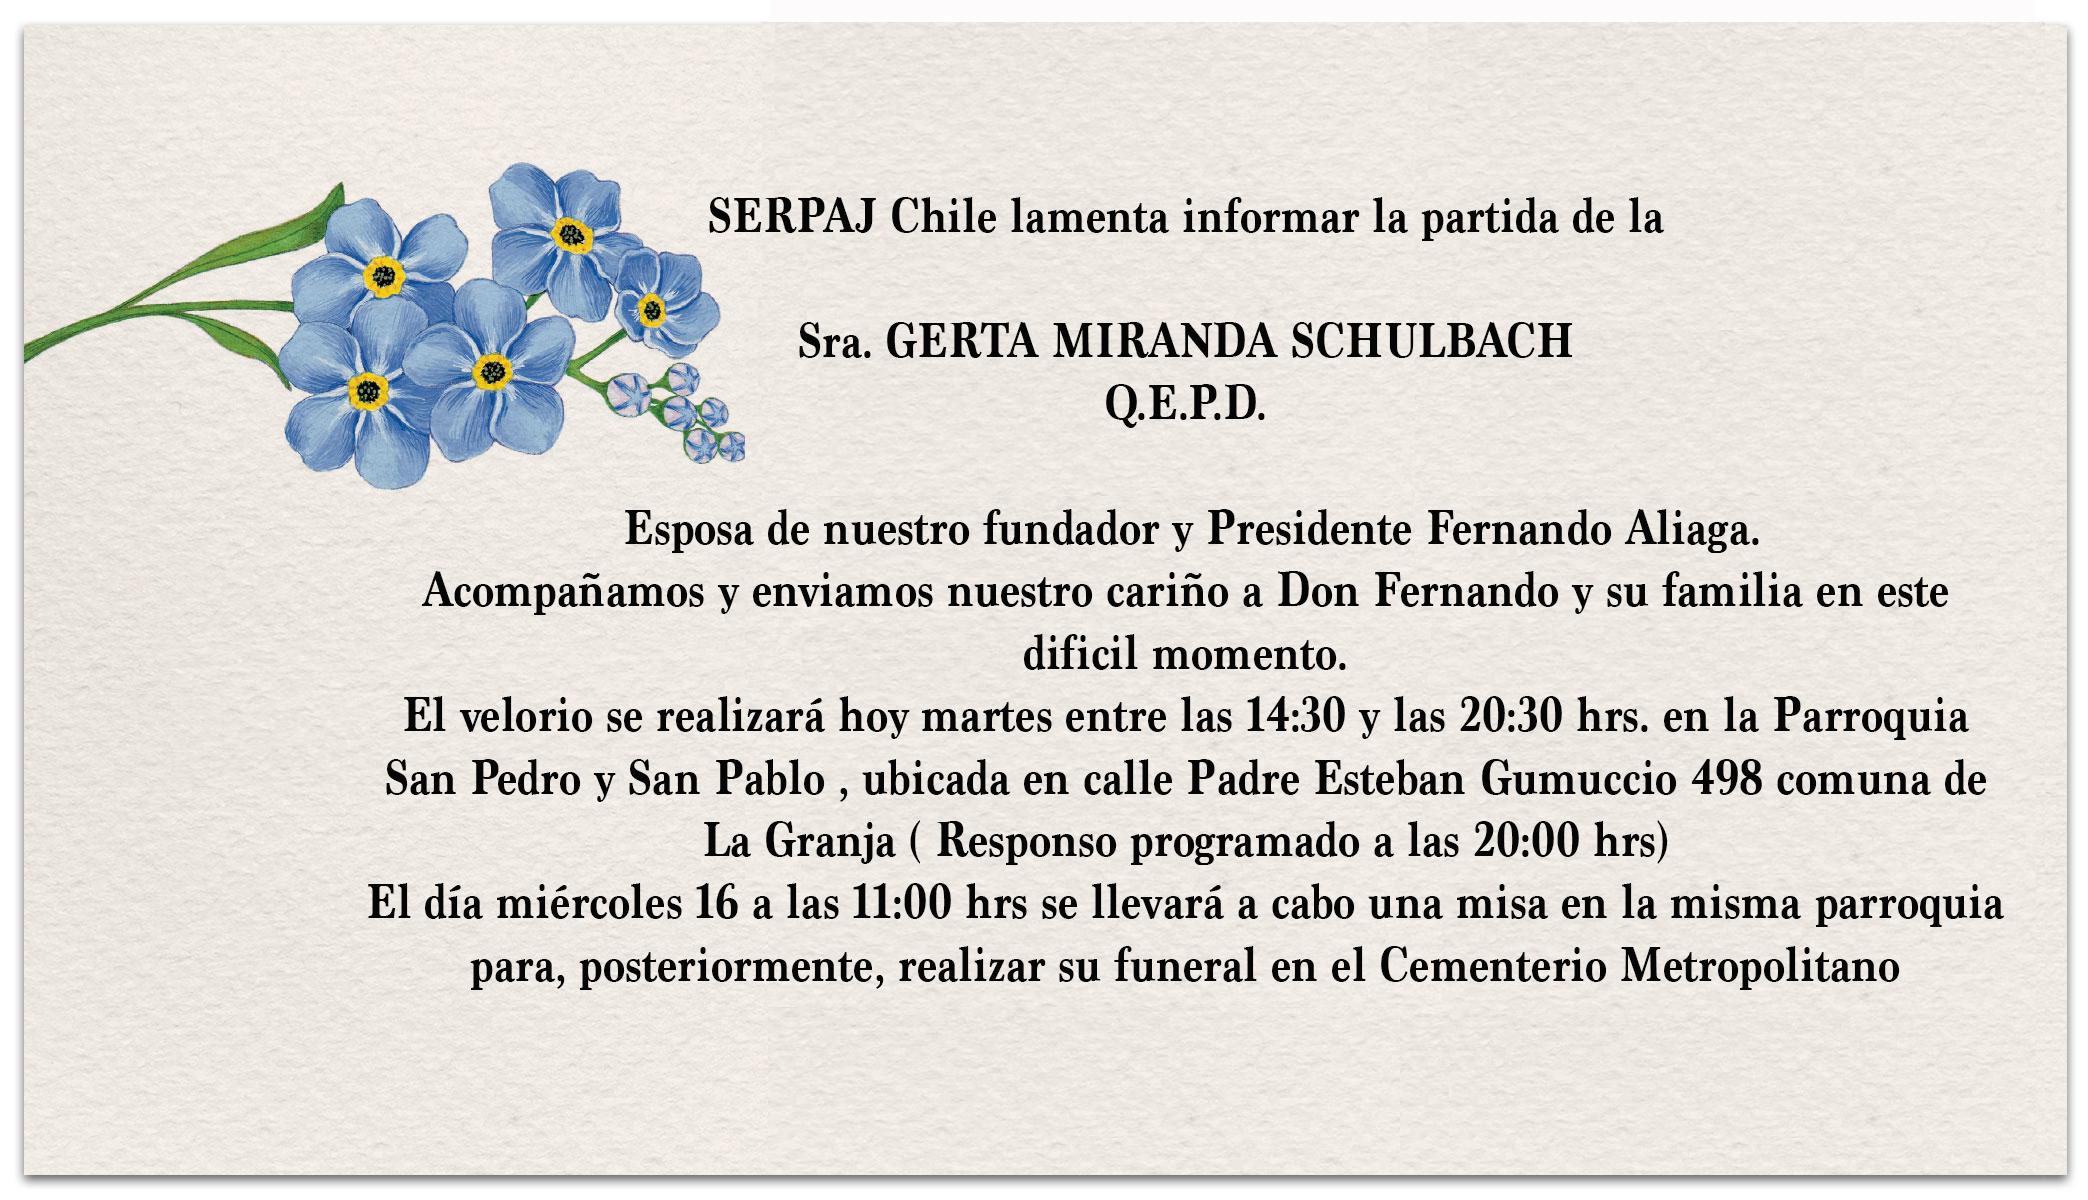 SERPAJ Chile lamenta sensible fallecimiento